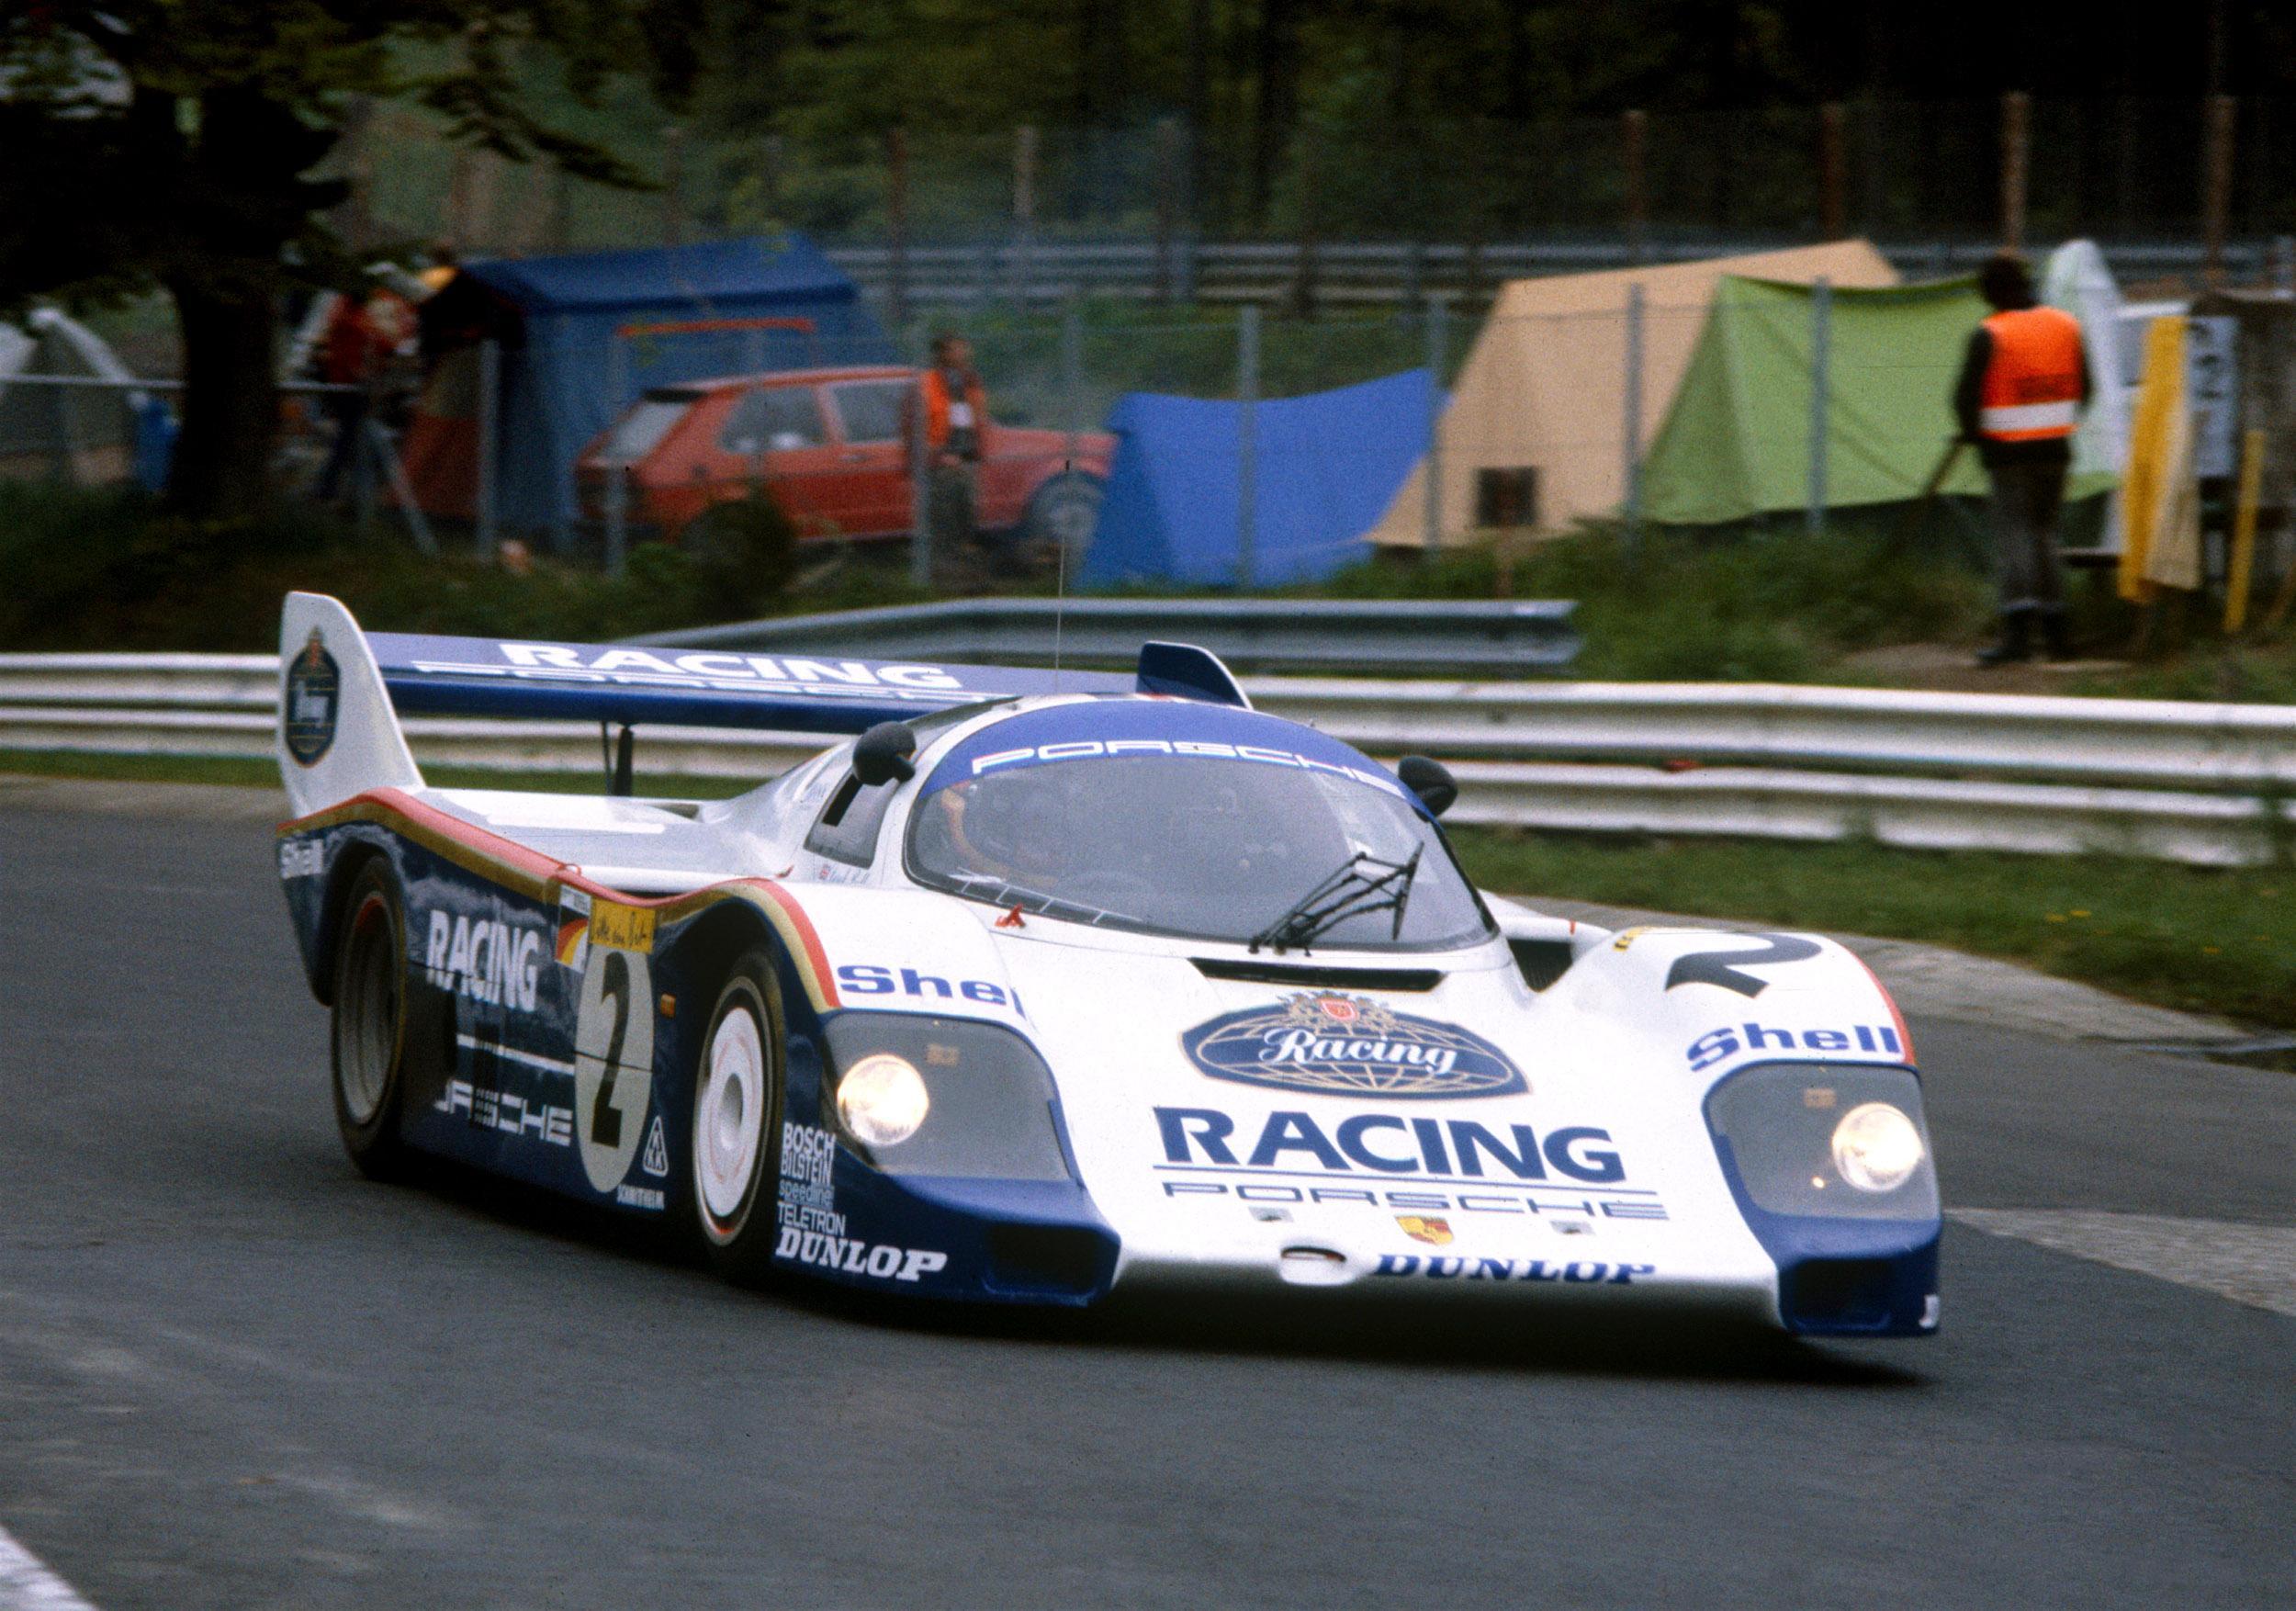 5 minuti e 19 secondi: Porsche rompe il record del Nurburgring dopo 35 anni!